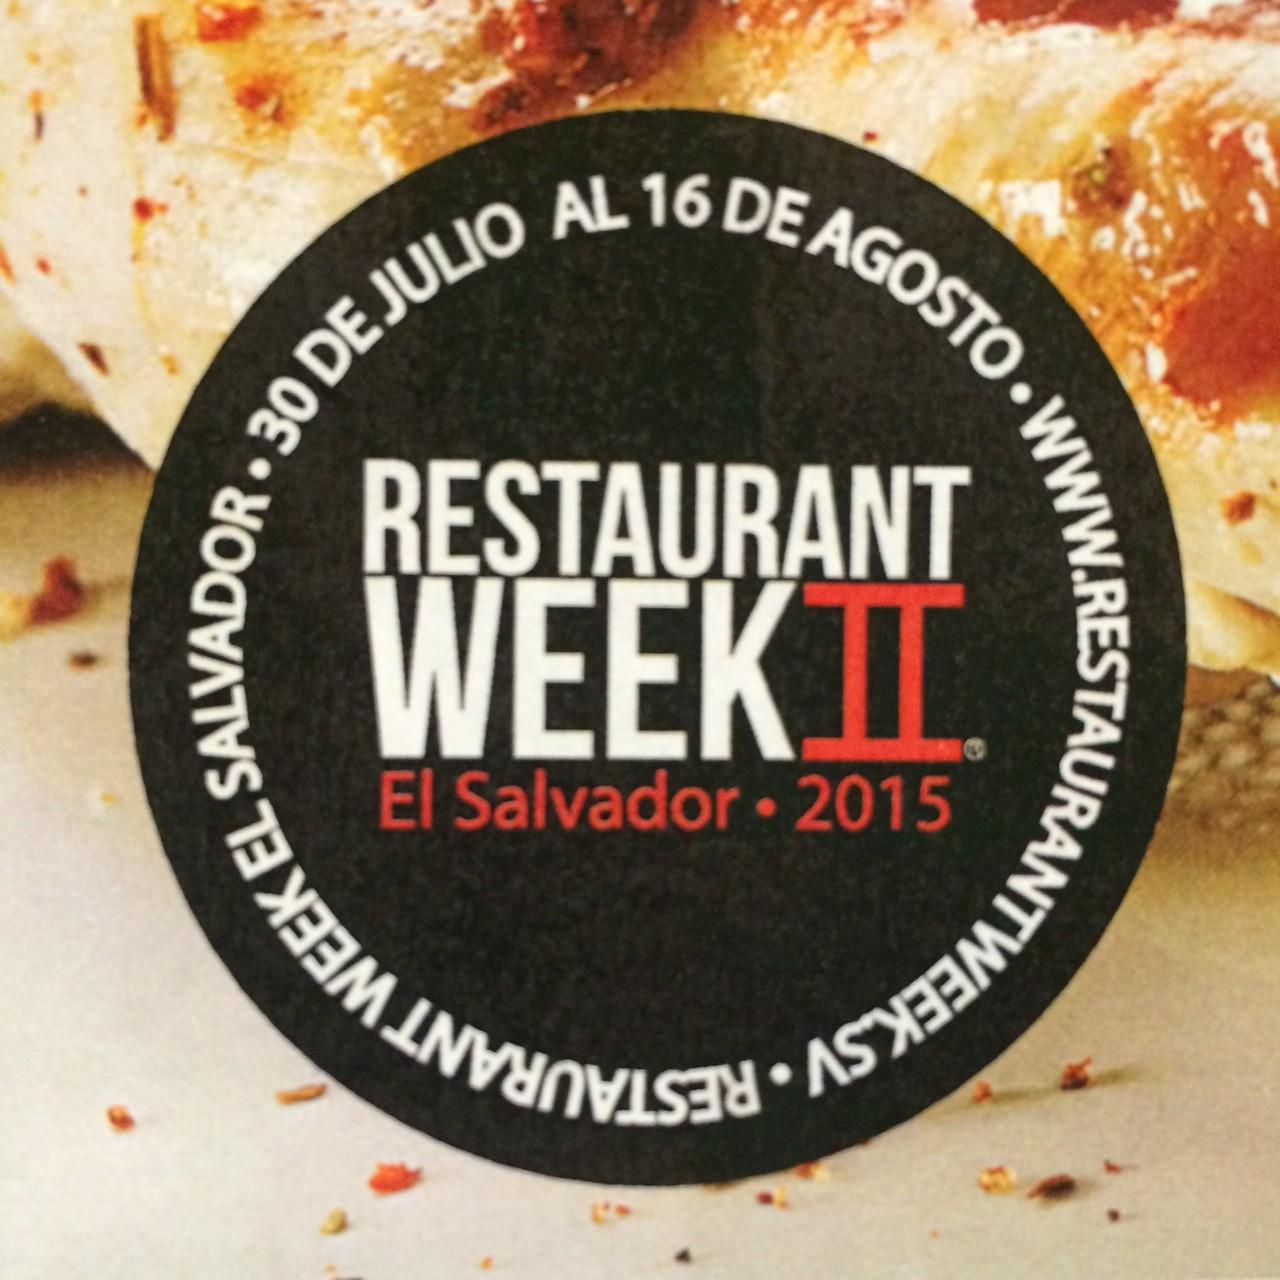 ¡RESTAURANT WEEK llega otra vez a El Salvador!